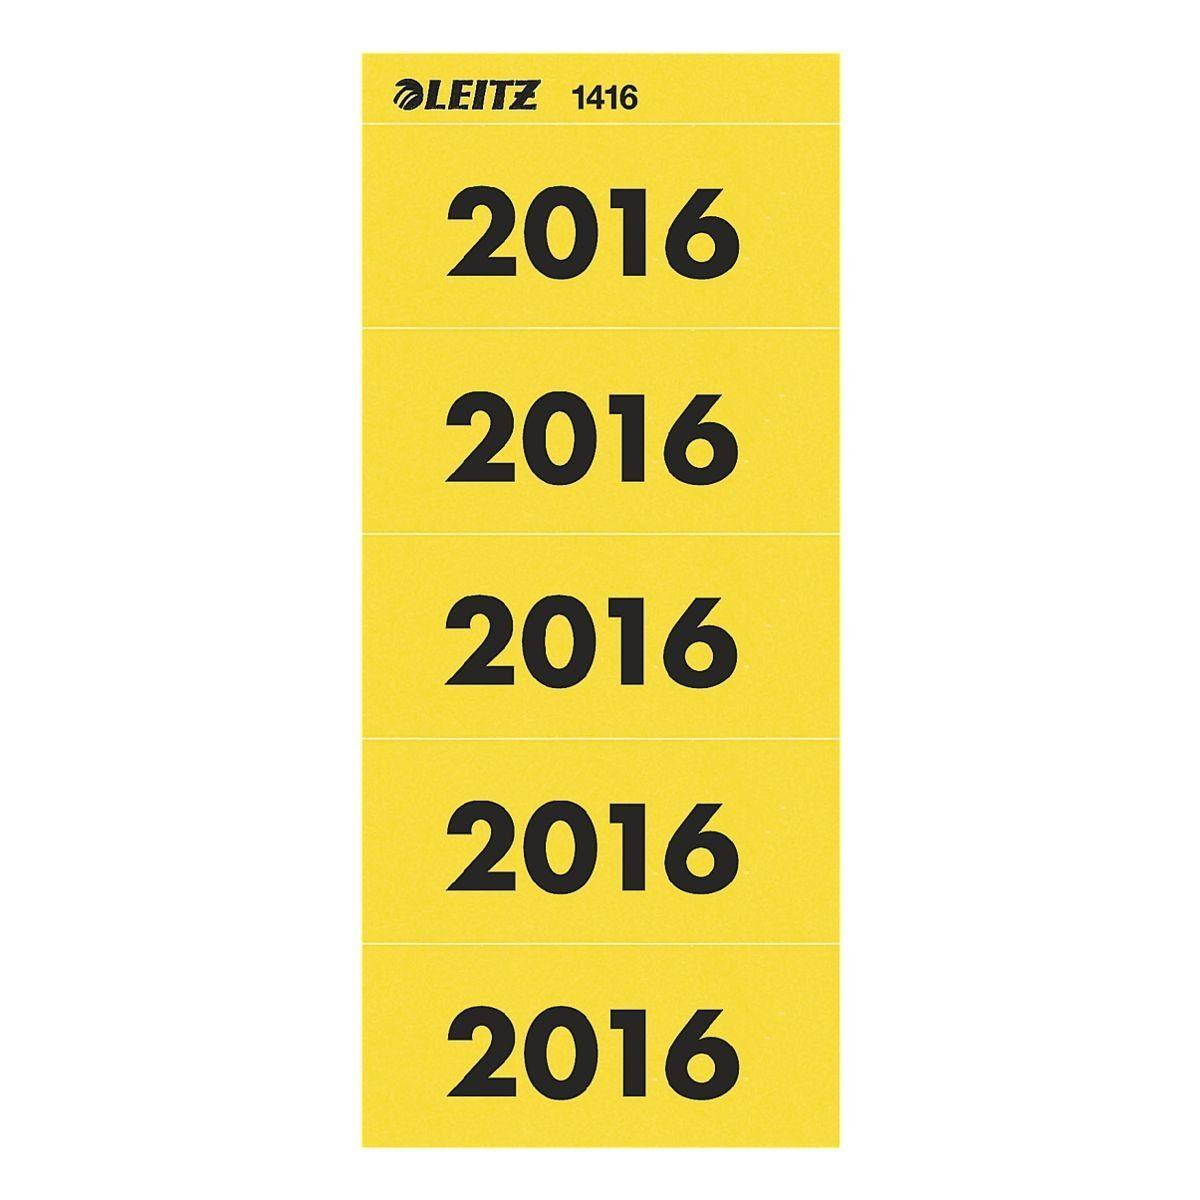 Leitz Selbstklebende Inhaltsschilder »Jahreszahlen 2016«